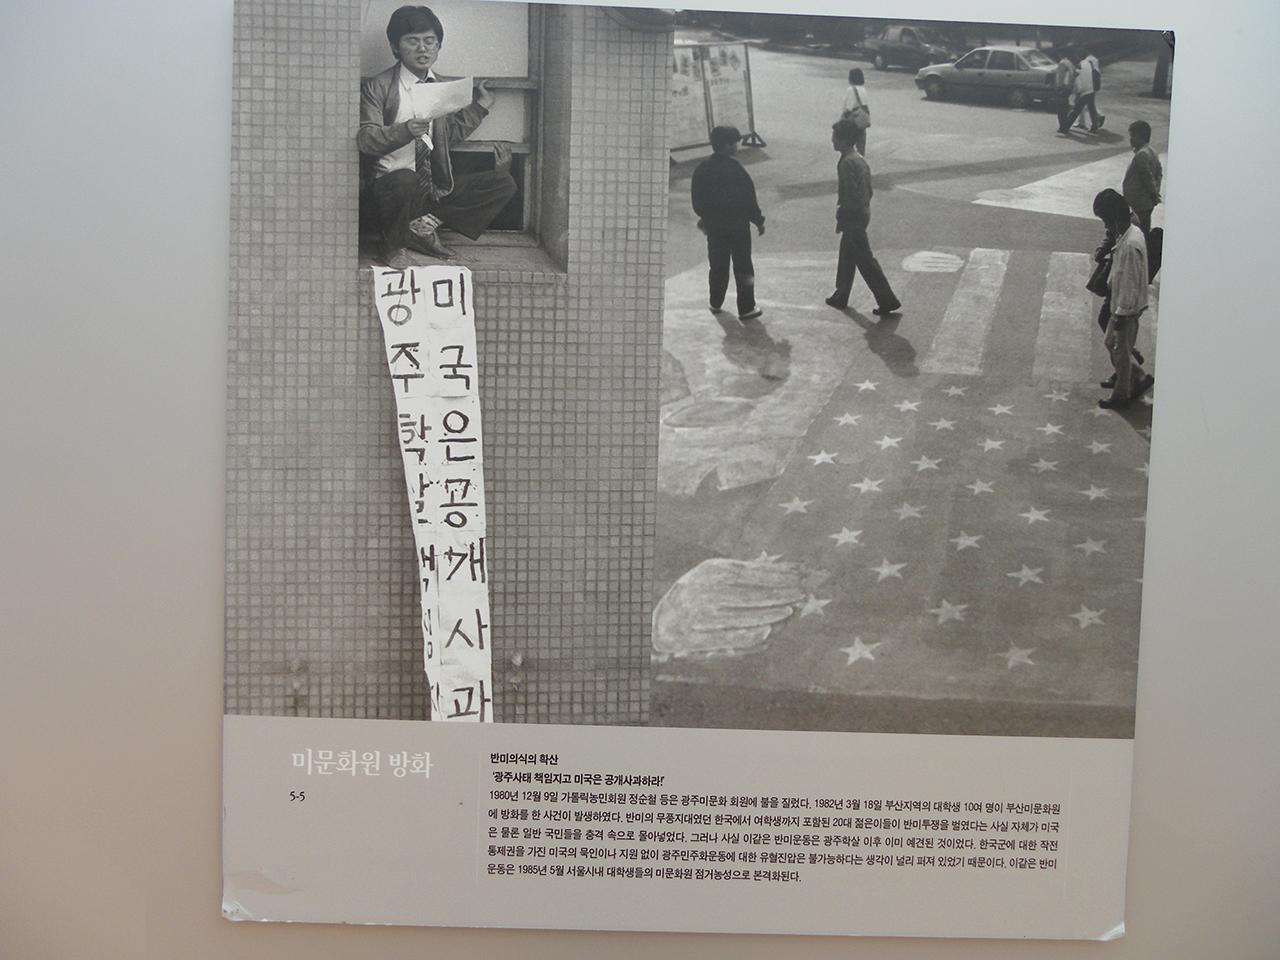 미국문화원 점거. 서대문형무소에서 찍은 사진.